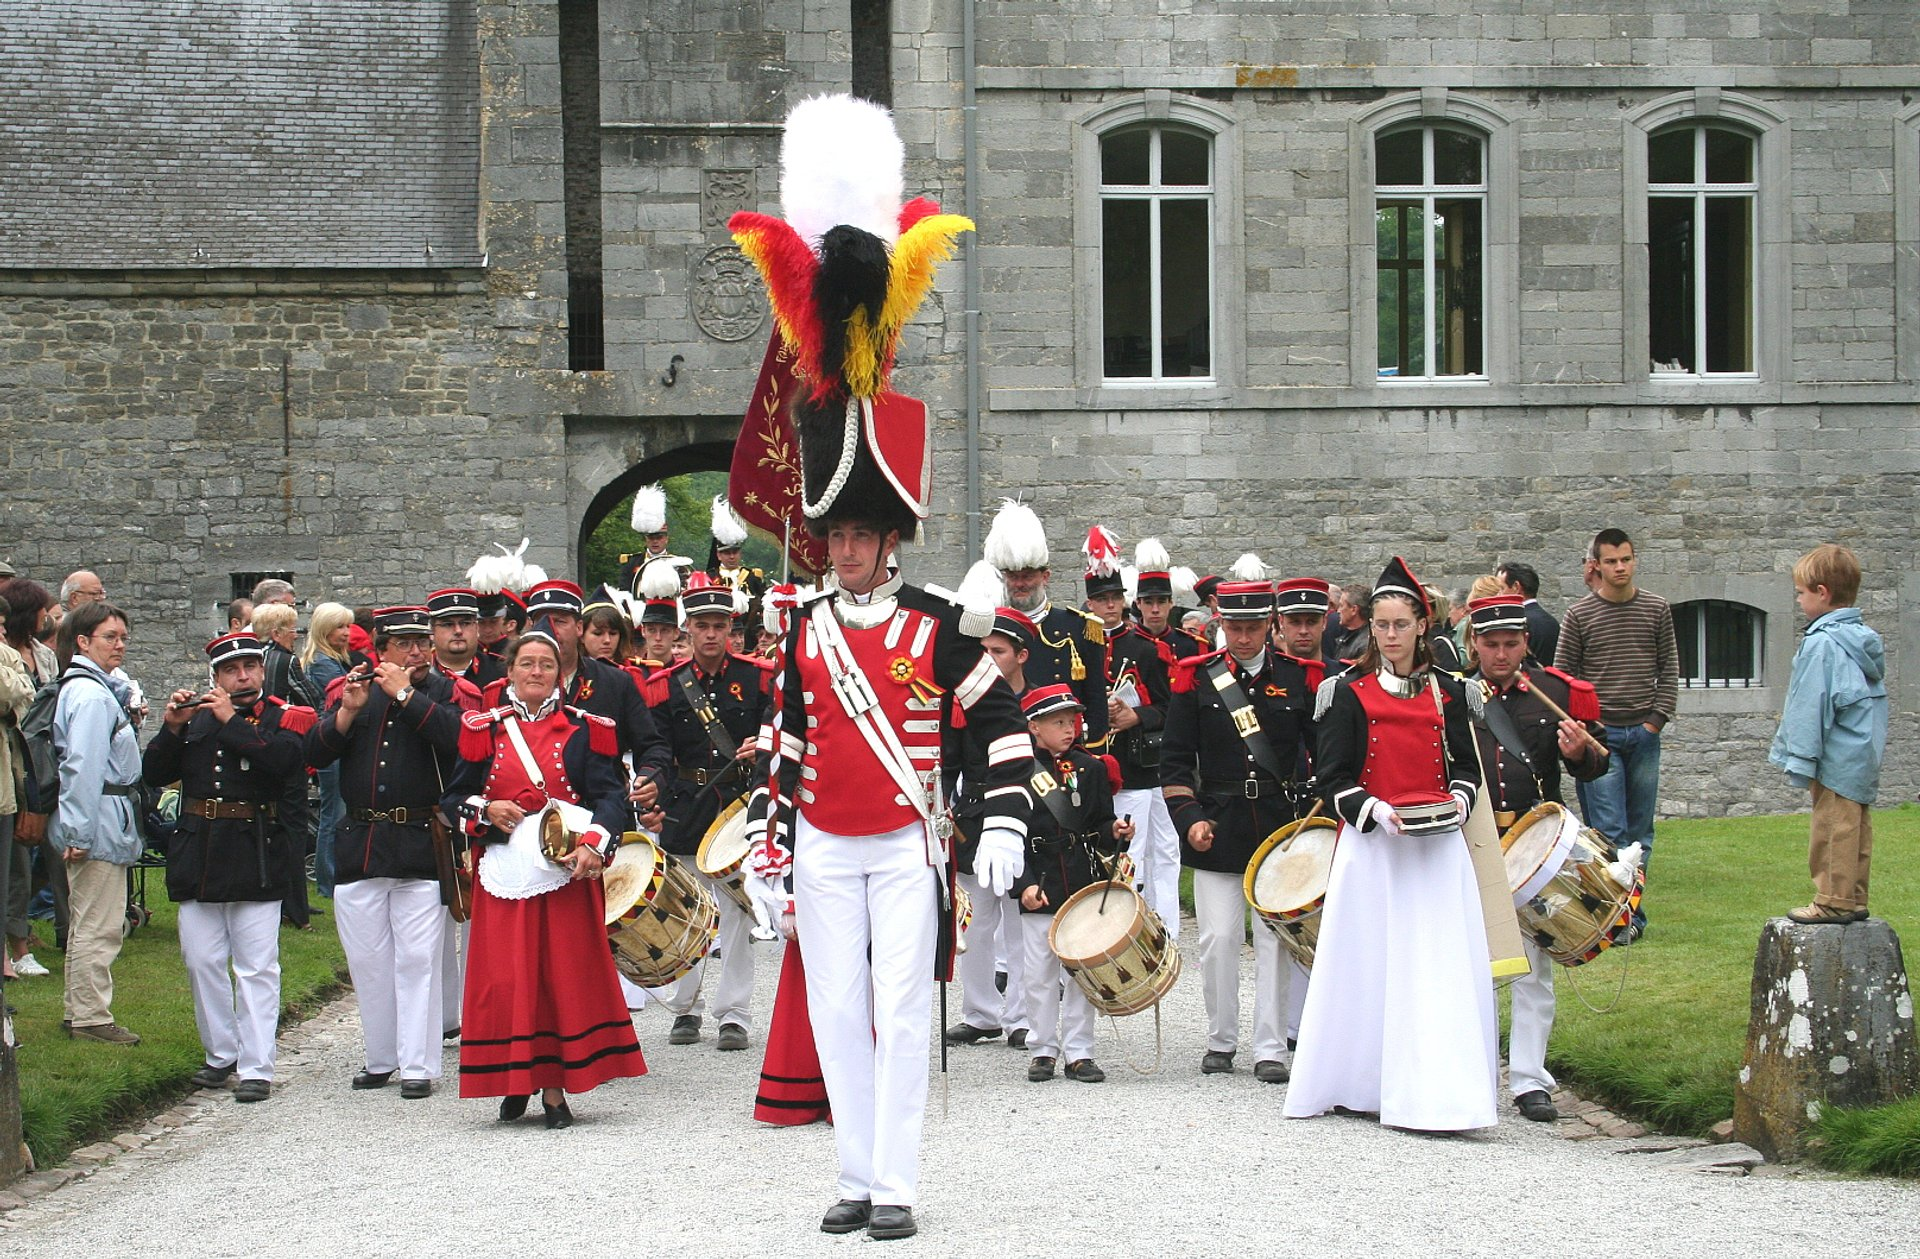 Marches of Entre-Sambre-et-Meuse in Belgium - Best Season 2020